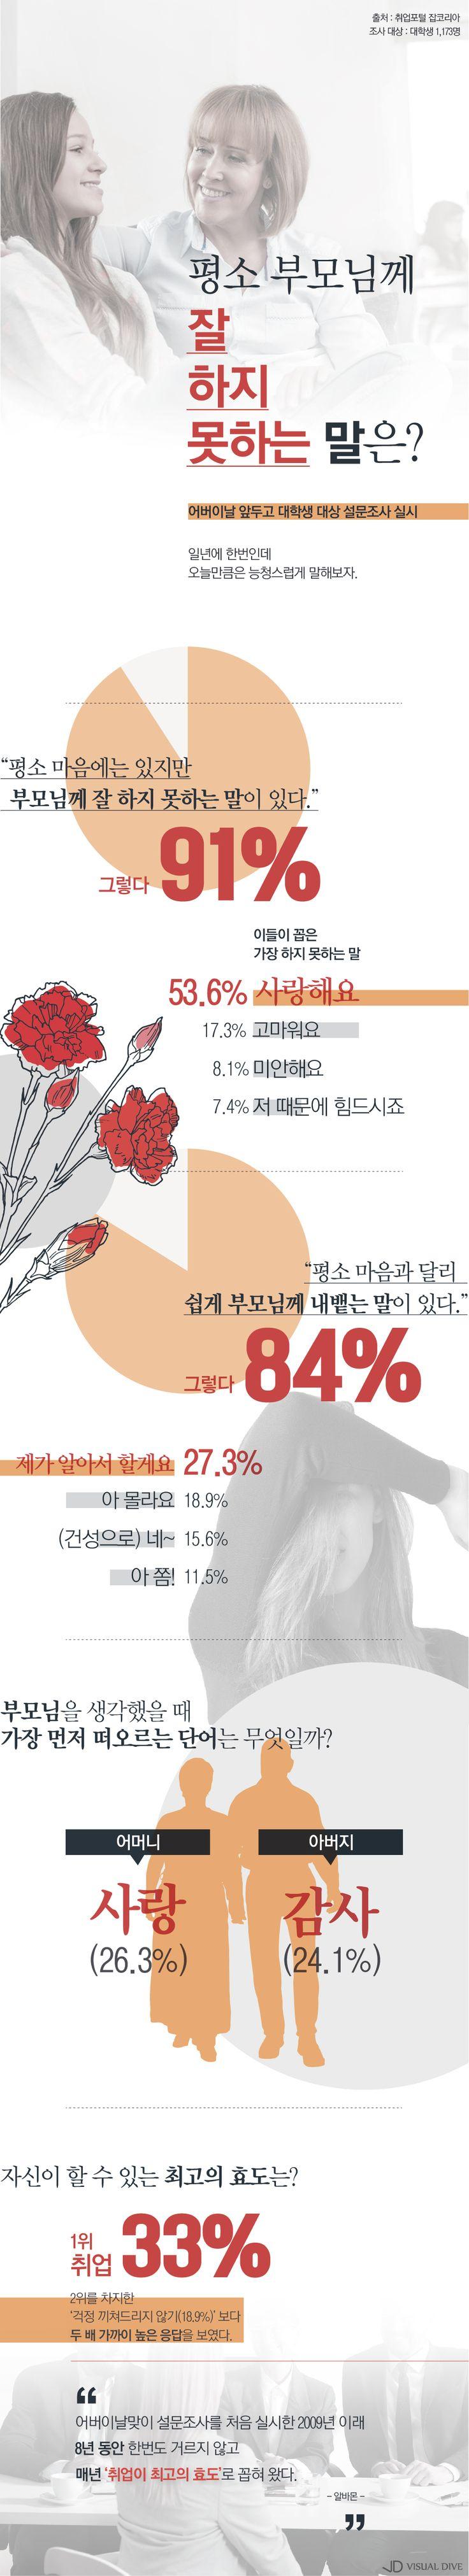 대학생 91%, '평소 부모님께 하지 못하는 말' 1위는? [인포그래픽] #Parents / #Infographic ⓒ 비주얼다이브 무단 복사·전재·재배포 금지